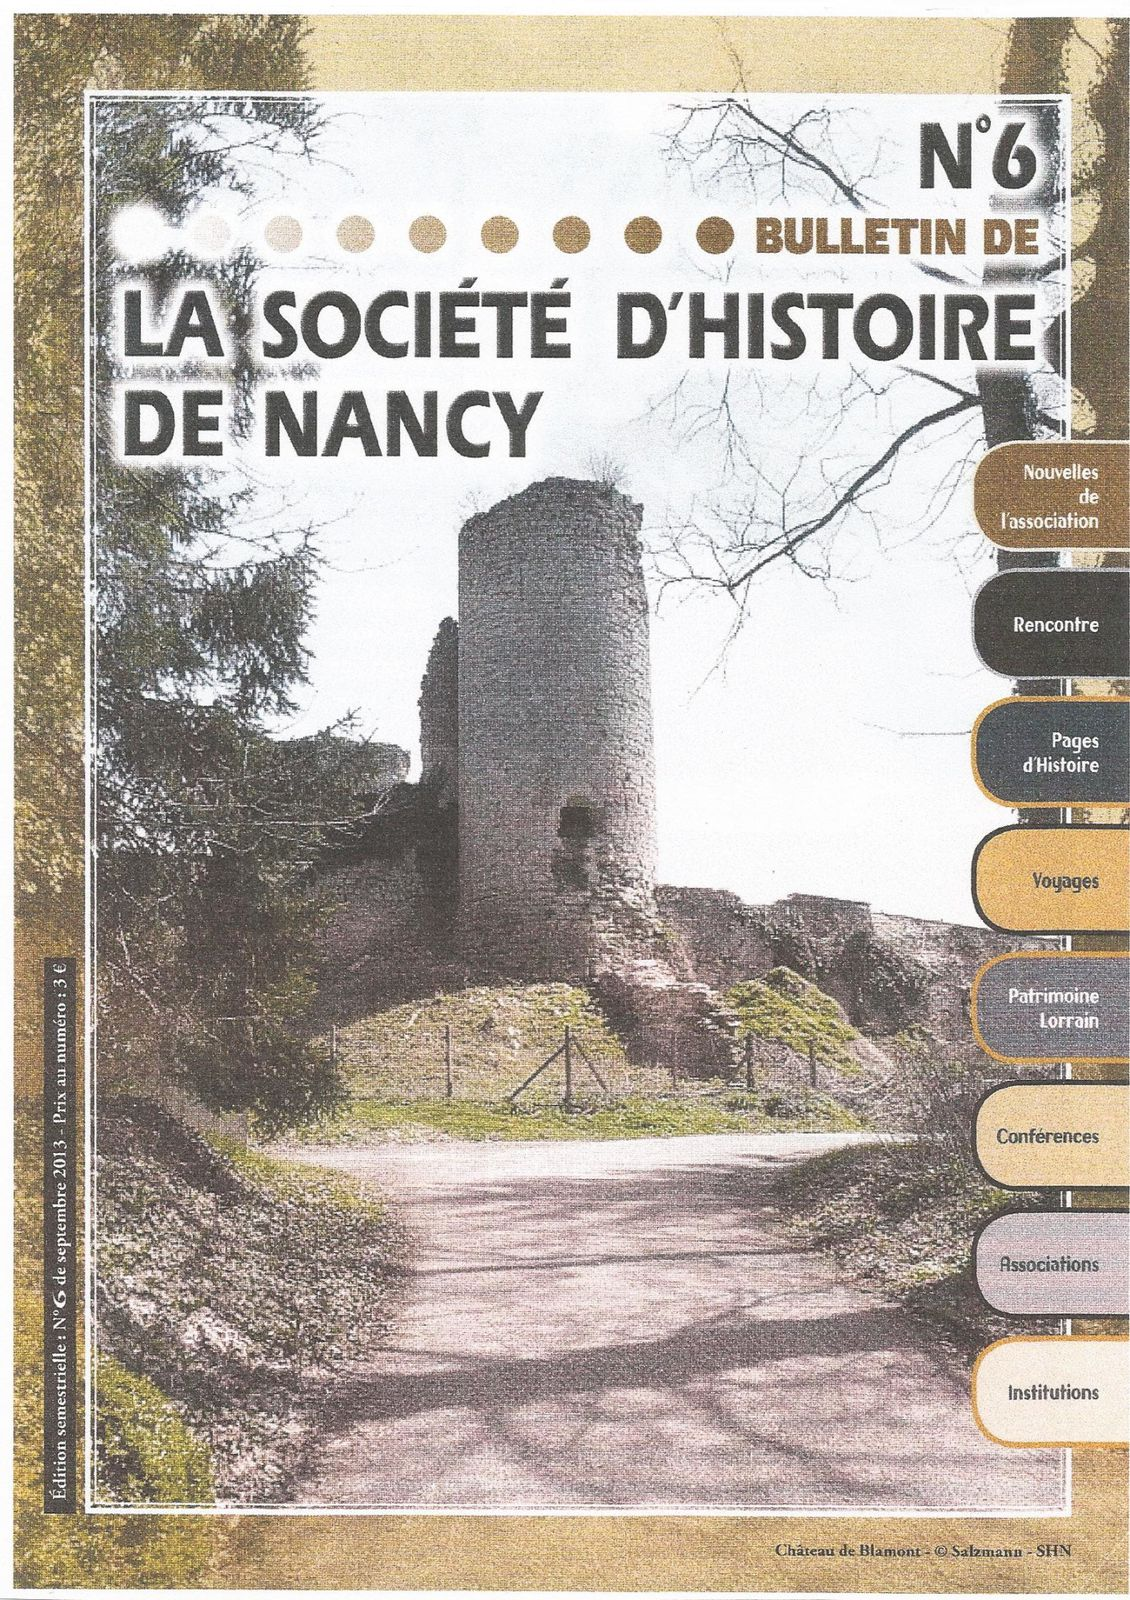 La Société d'Histoire de Nancy nous présente une Association... le Cercle Scientifique Etienne Drioton...